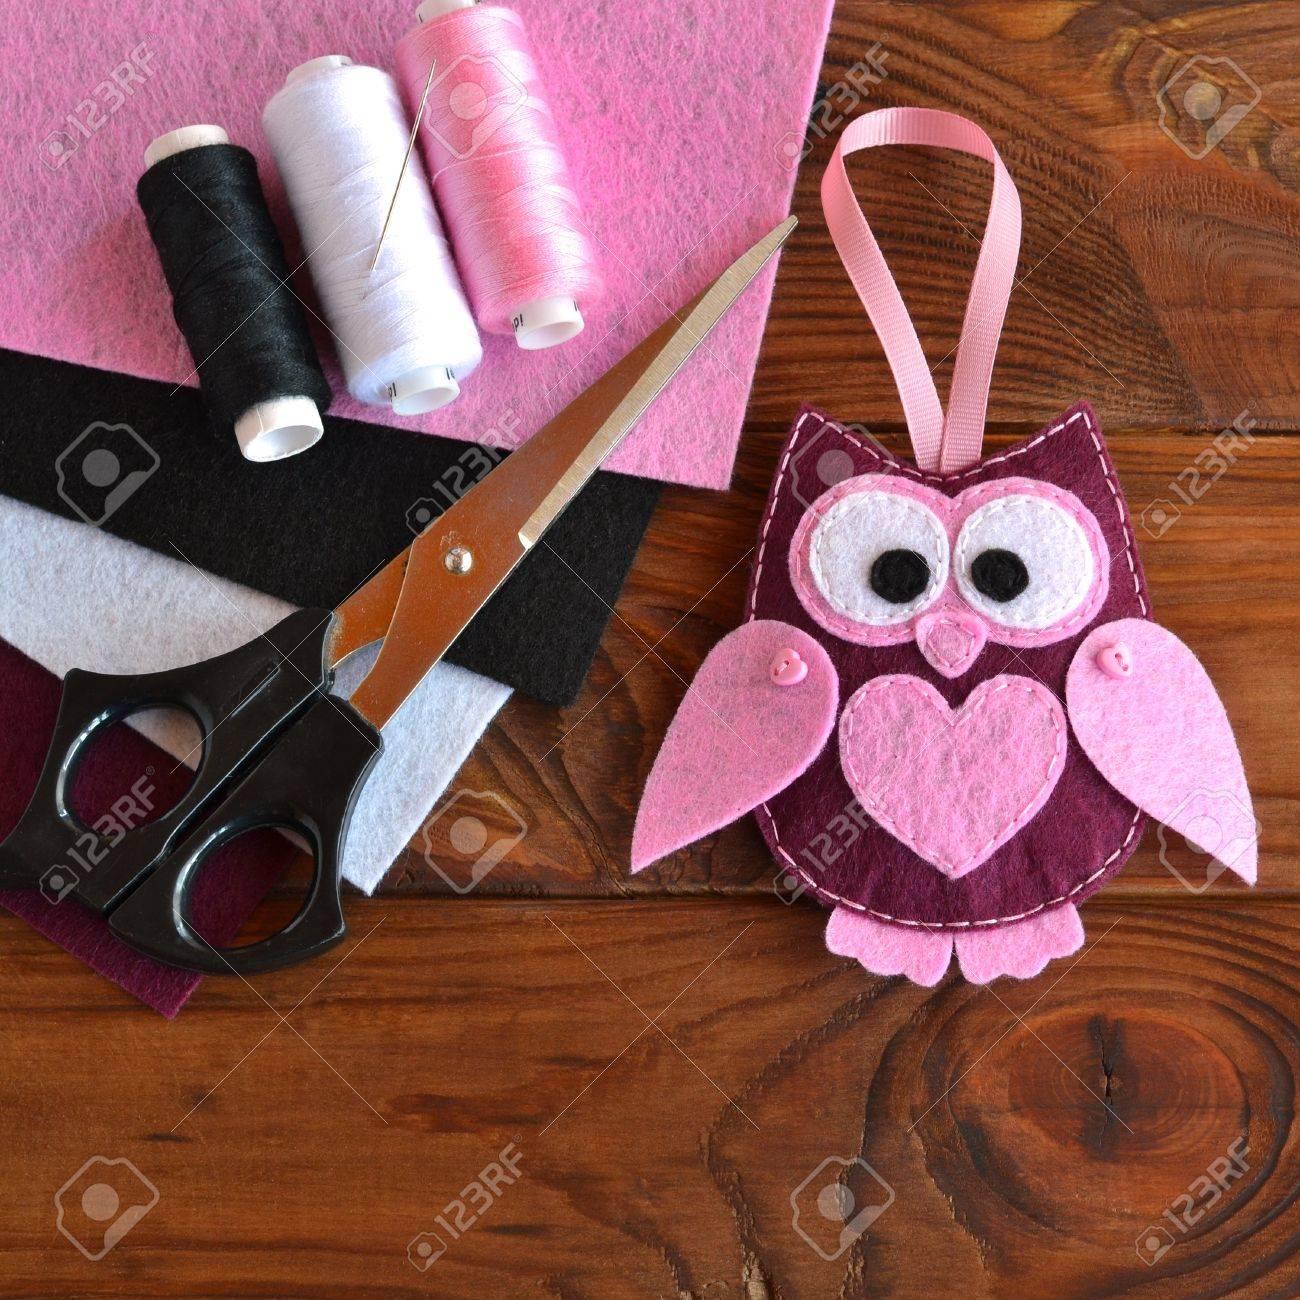 Filz Eule Spielzeug Kinder DIY Handwerk. Blätter Aus Farbigem Filz ...